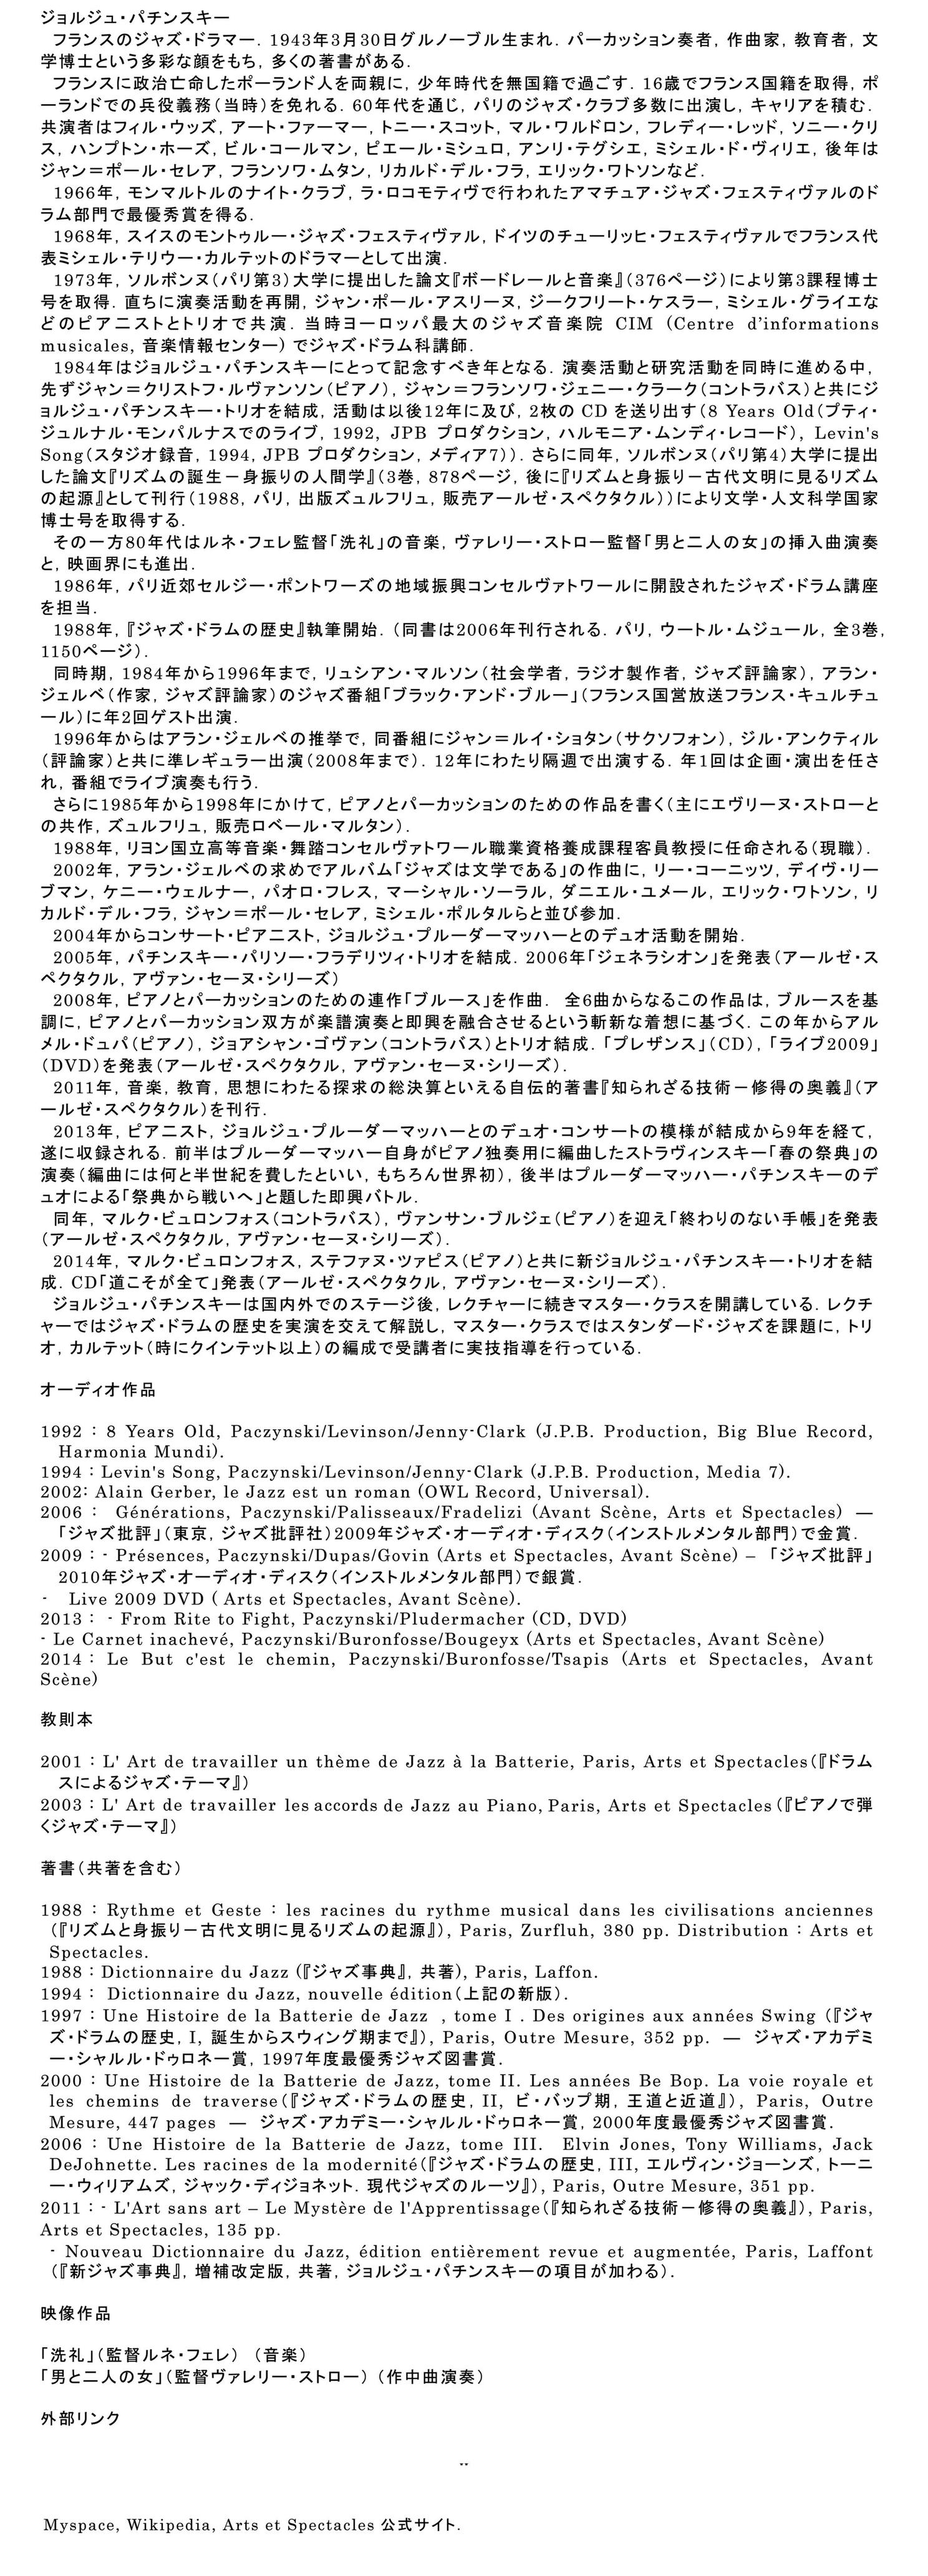 Biographie Japonaise ok2